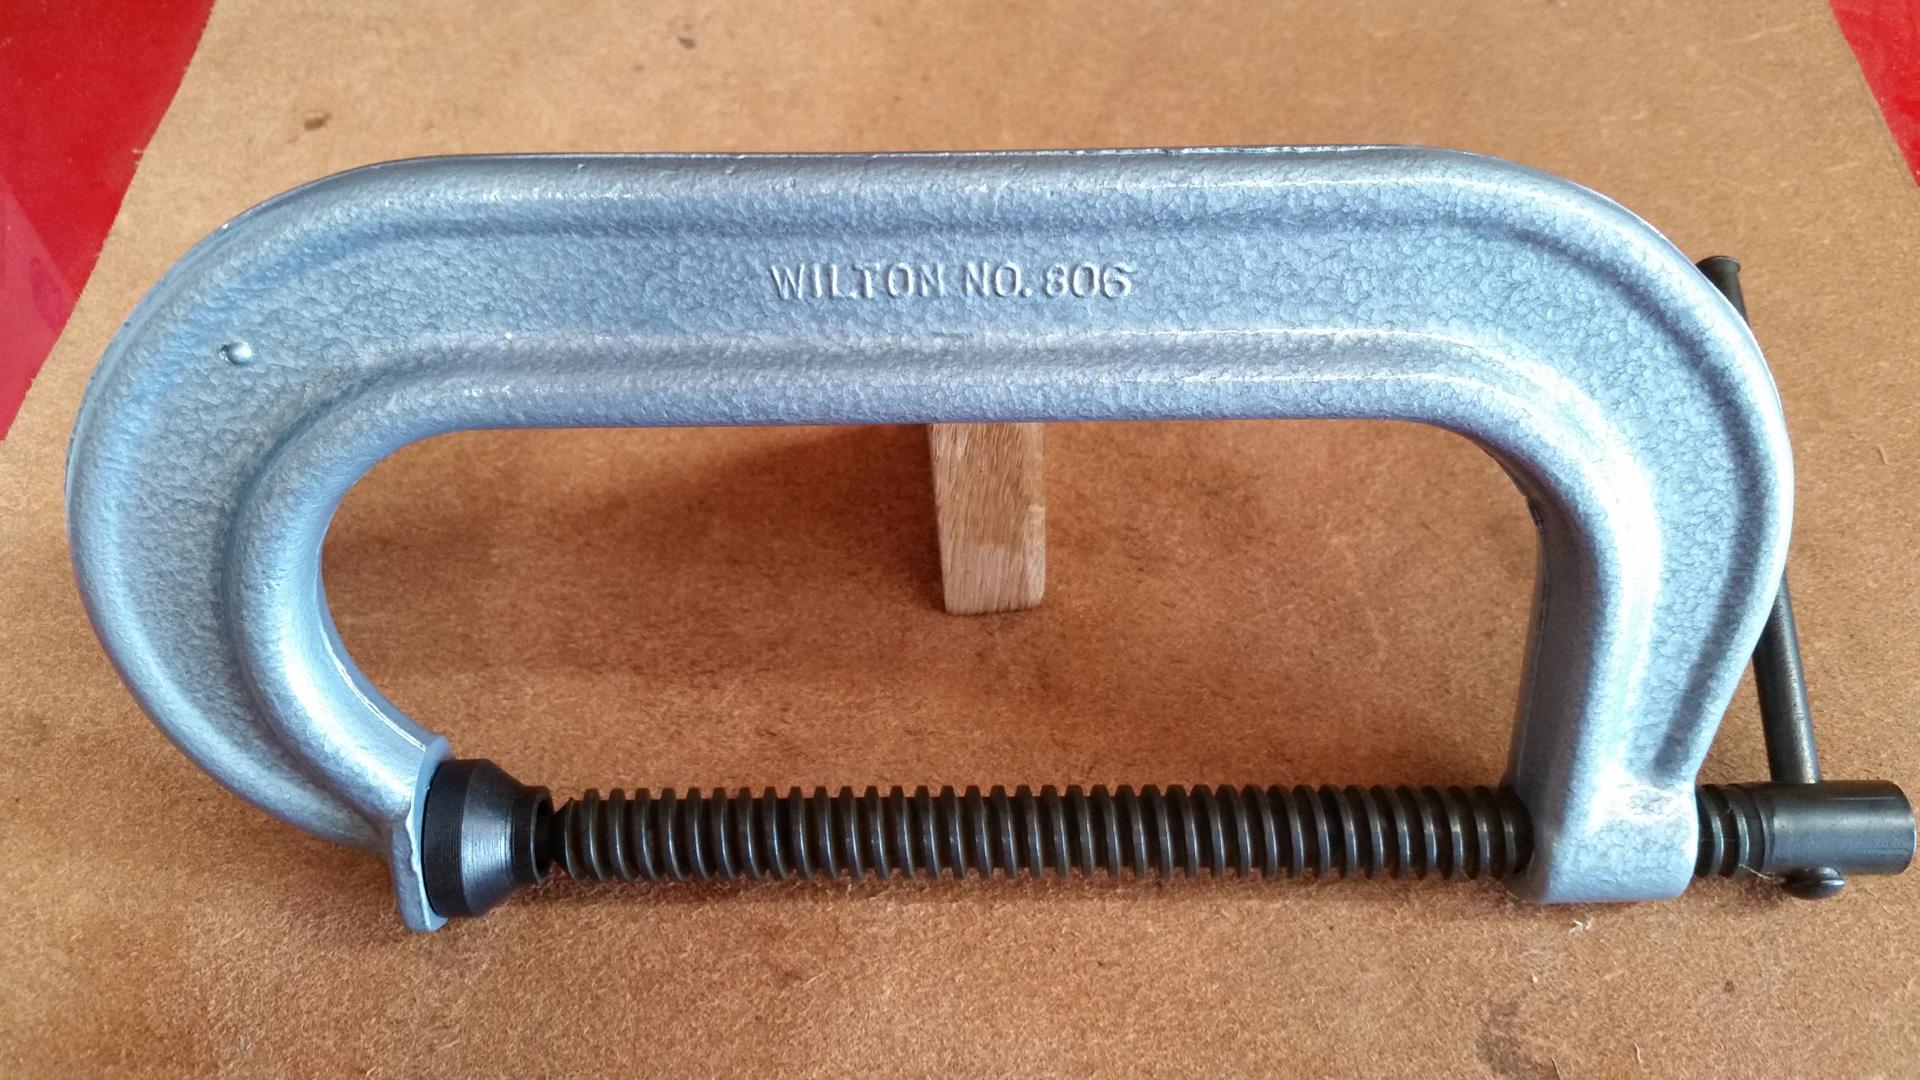 wilton 806 c-clamp restoration – michael parrish blog